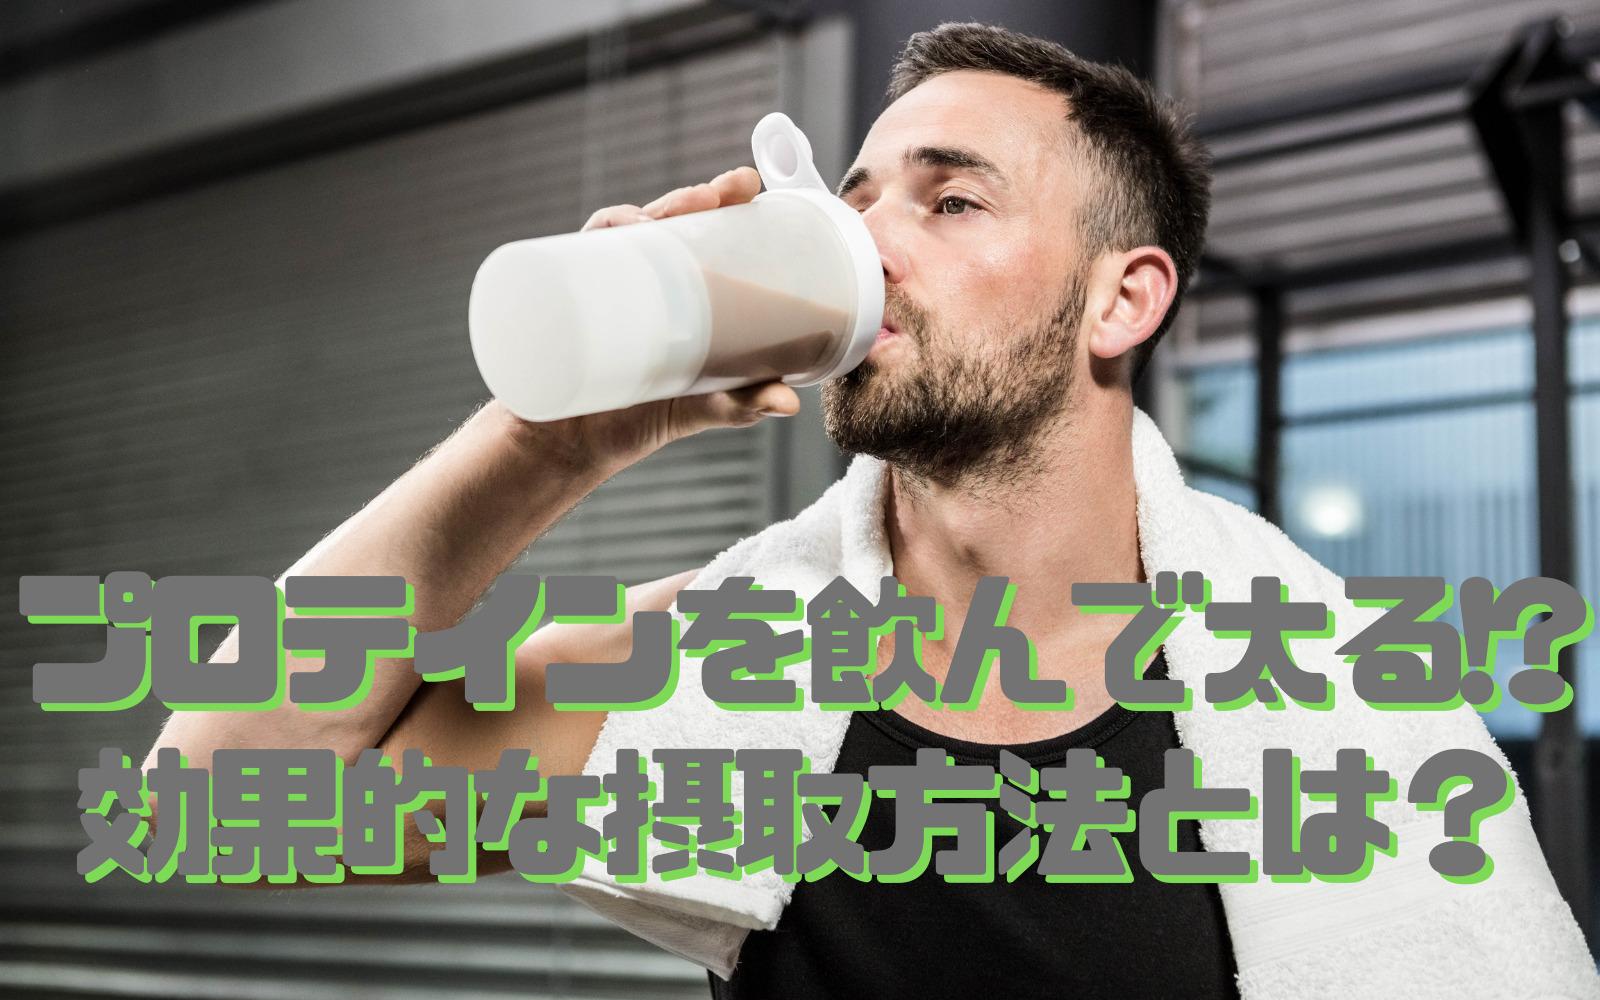 ダイエットのプロが教える失敗しないプロテインの摂取方法